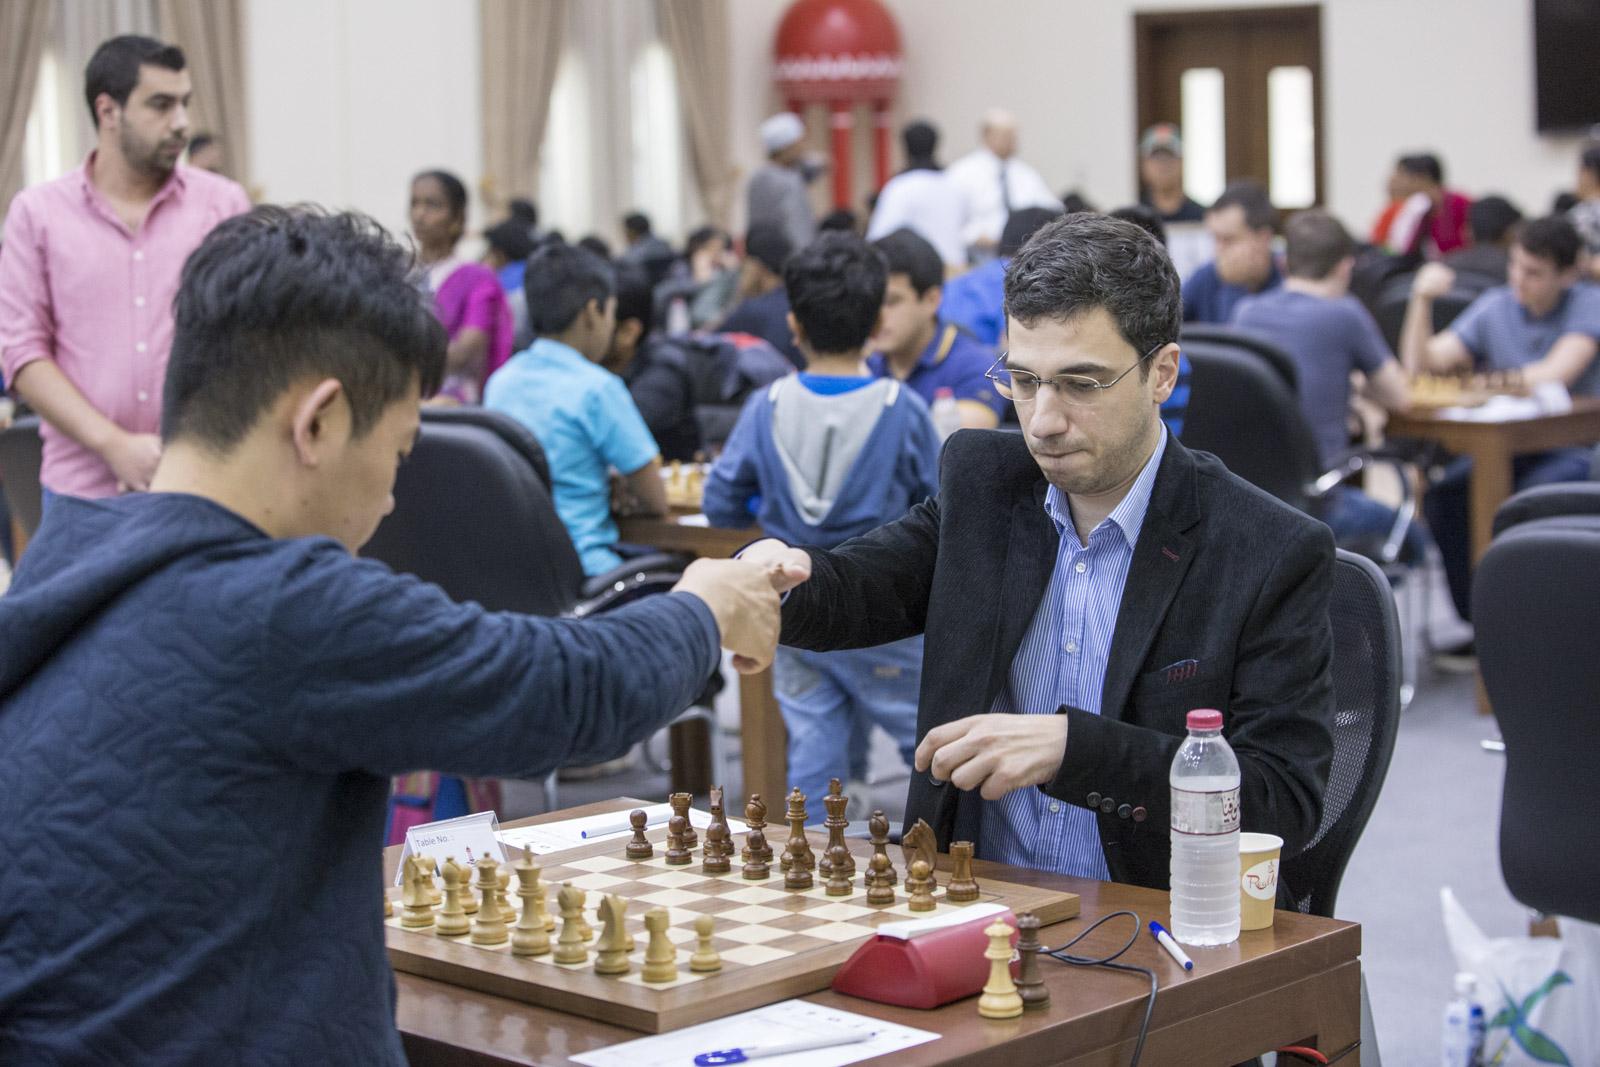 الجولة السادسة من بطولة الشارقة ماسترز الدولية الأولى للشطرنج